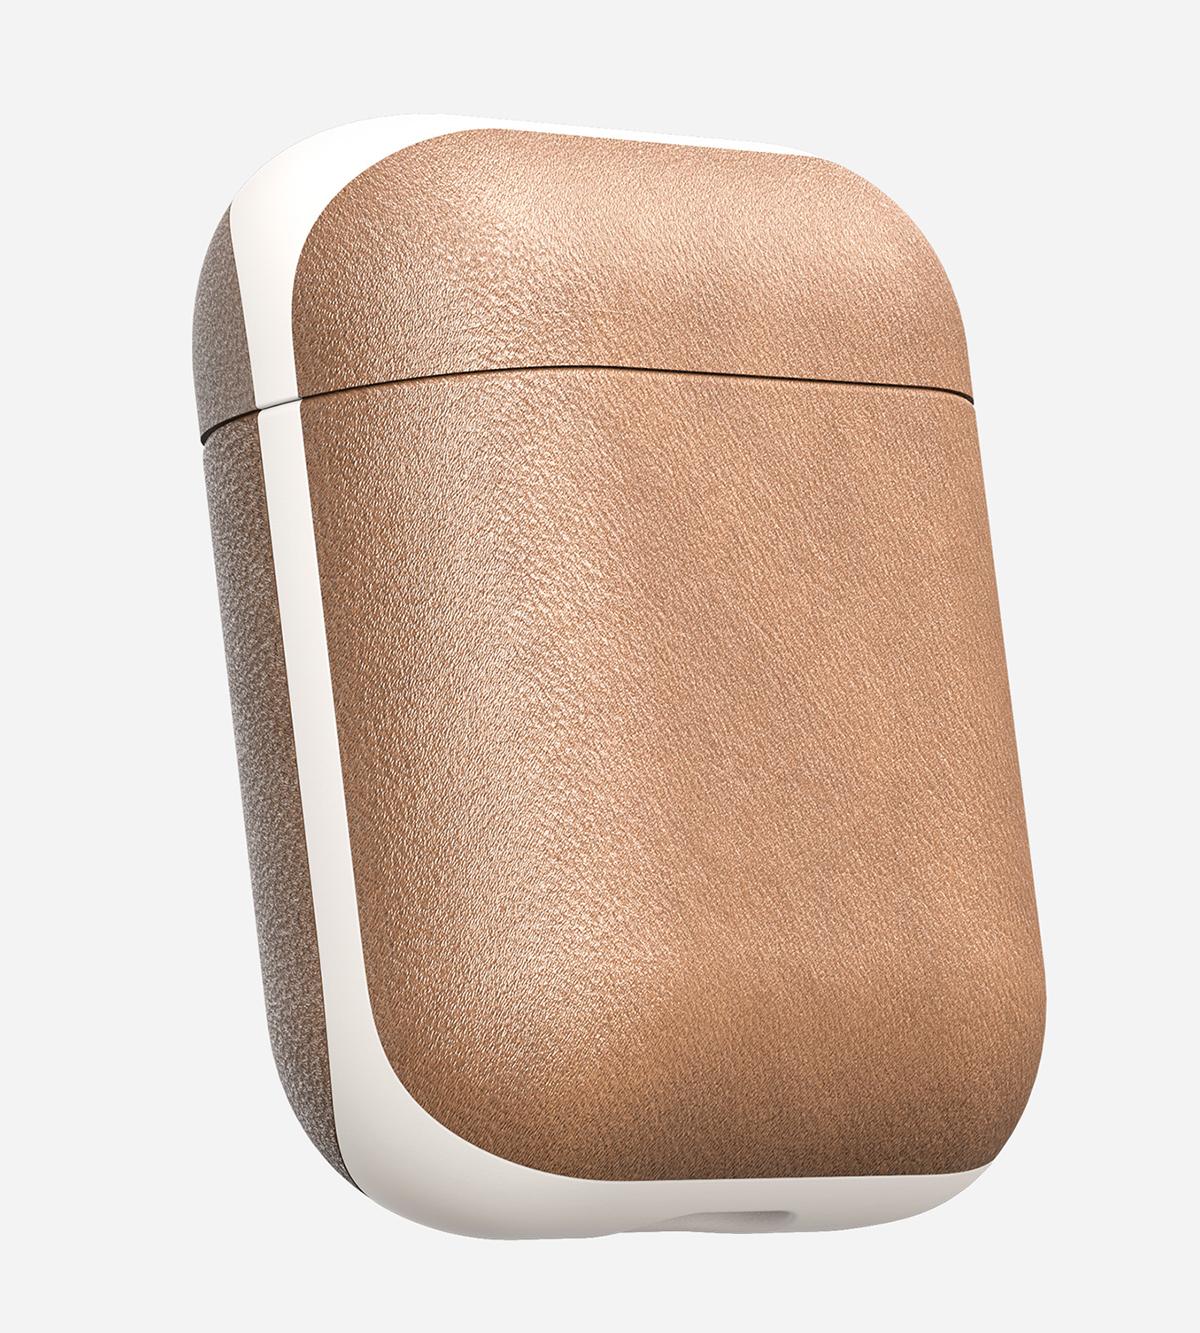 ポリカーボネートの骨組み|一緒に過ごすほど愛着が深まる、機能美が生んだ快適設計のAirPodsケース・Apple Watchバンド|NOMAD